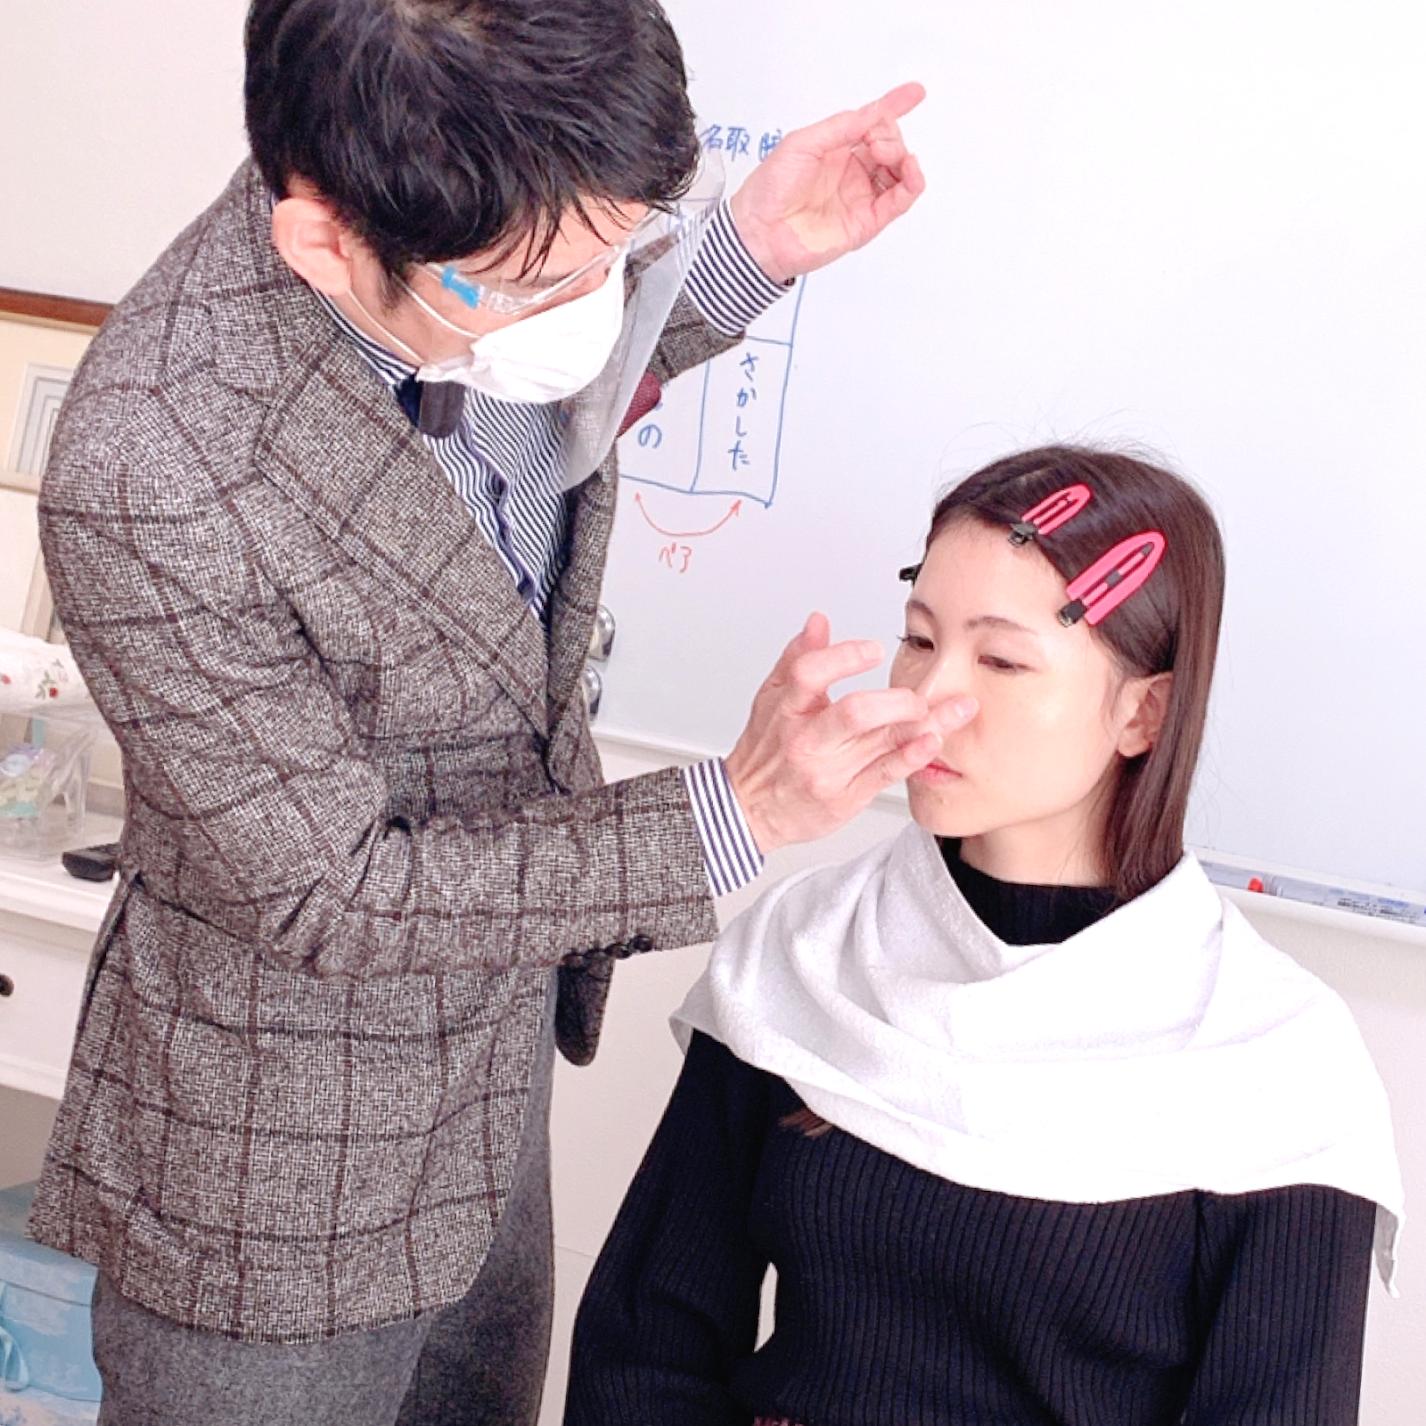 東京のメイクアップアドバイザー養成講座なら専門性の高いルミエール・アカデミーへ